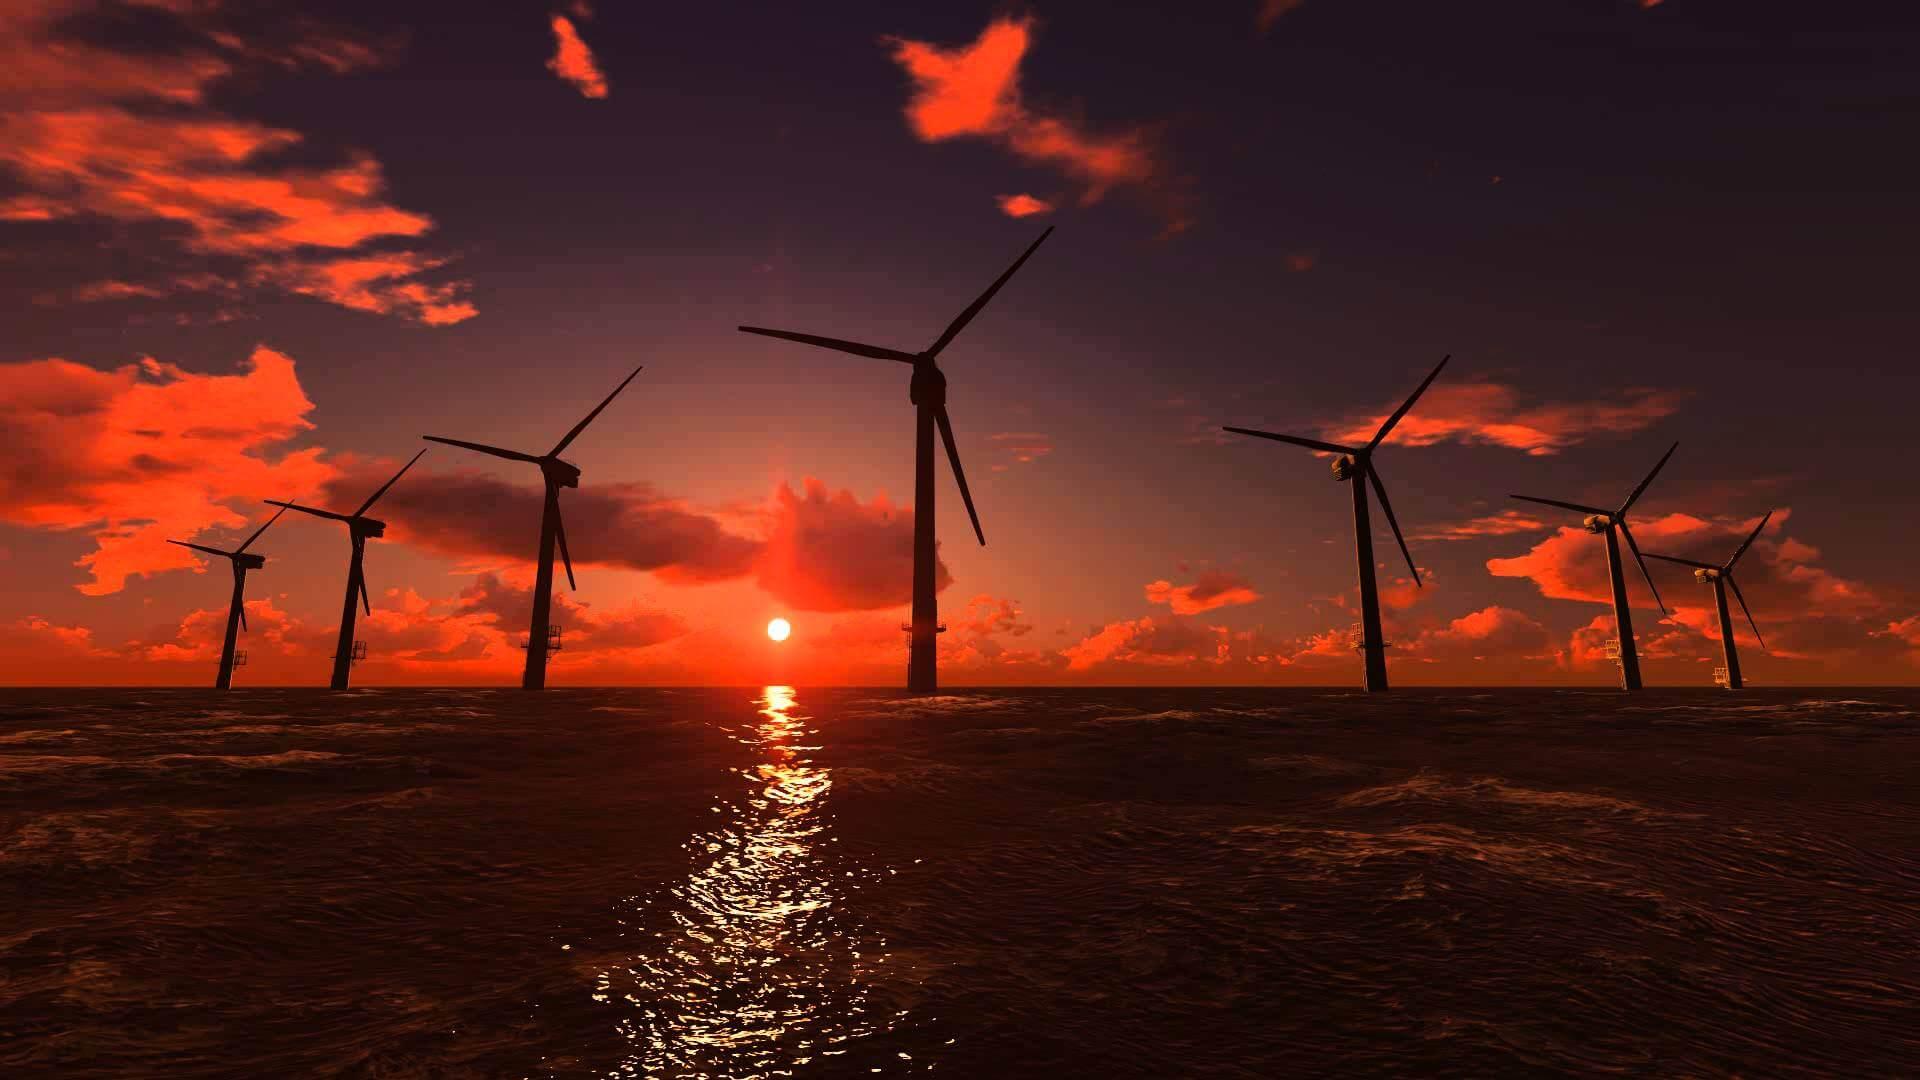 Ветряная энергия стала дешевле, чем горючие виды топлива